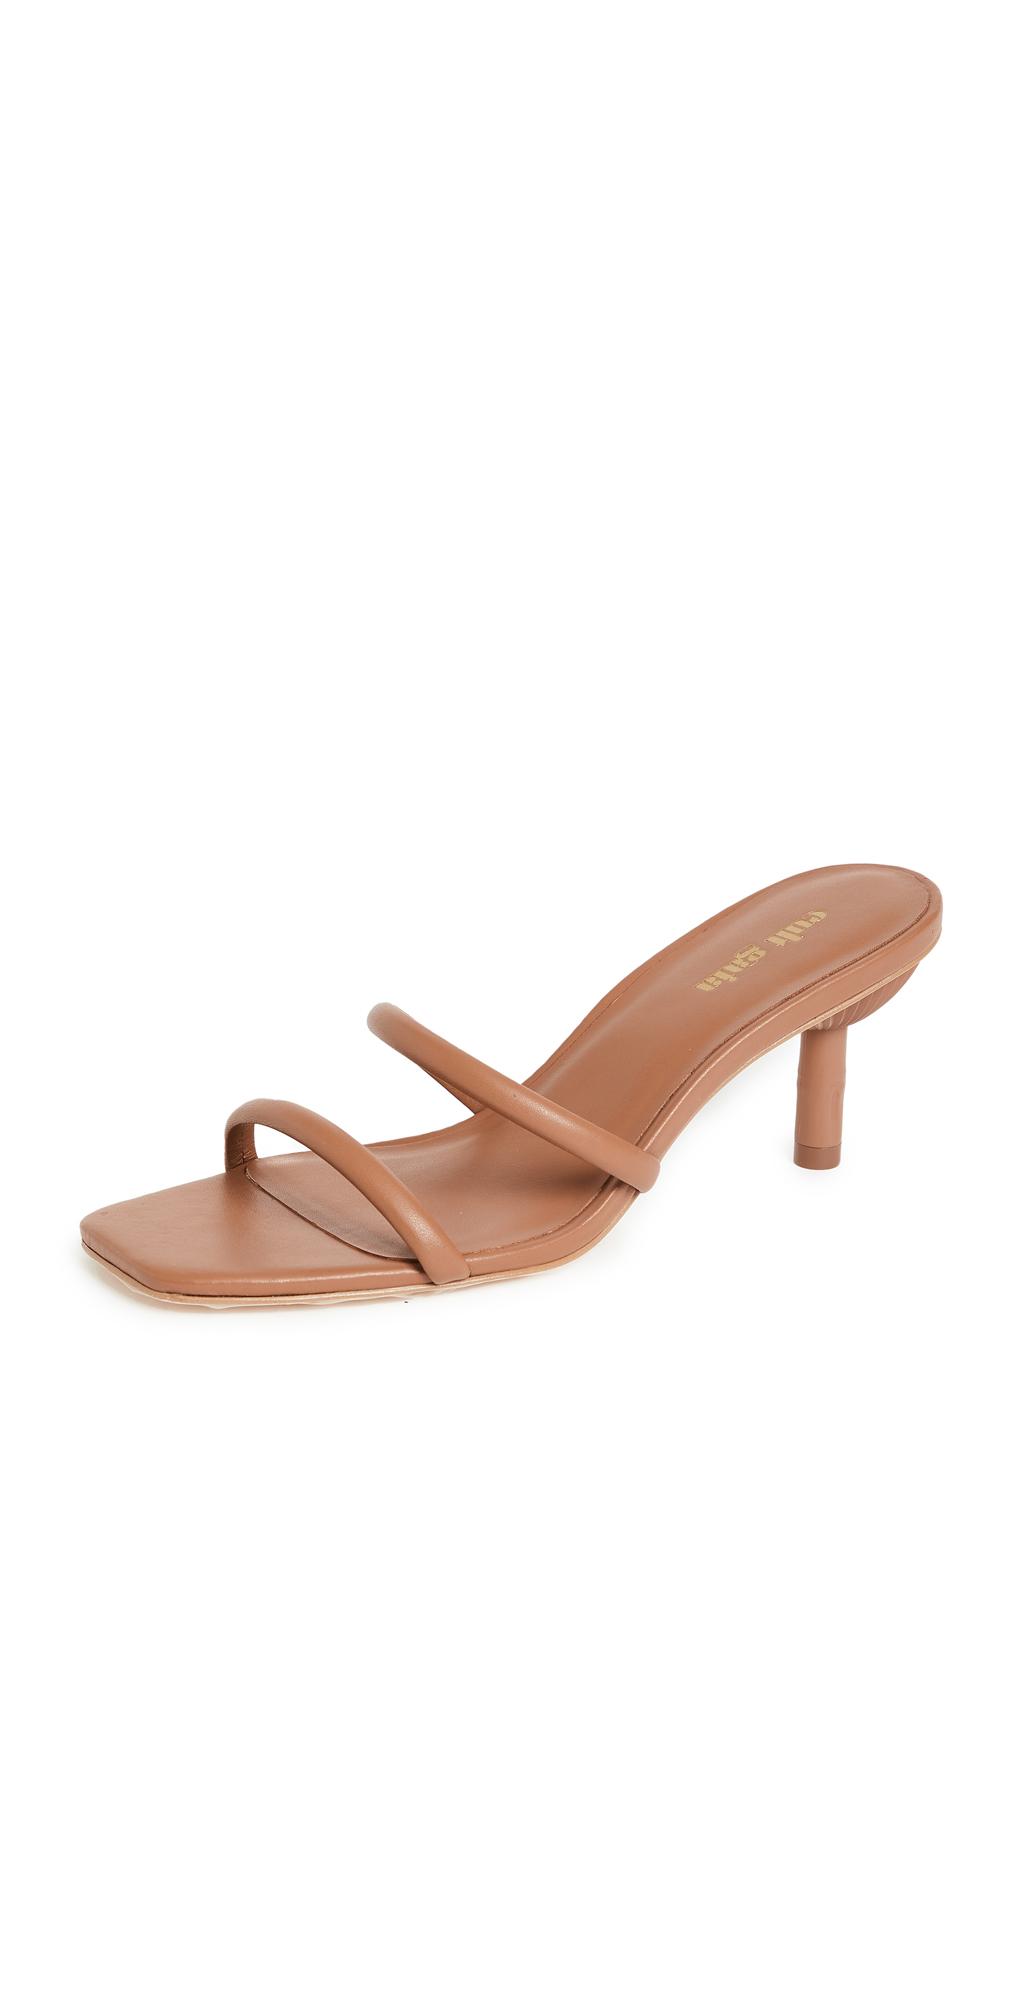 Cult Gaia Sol Sandals